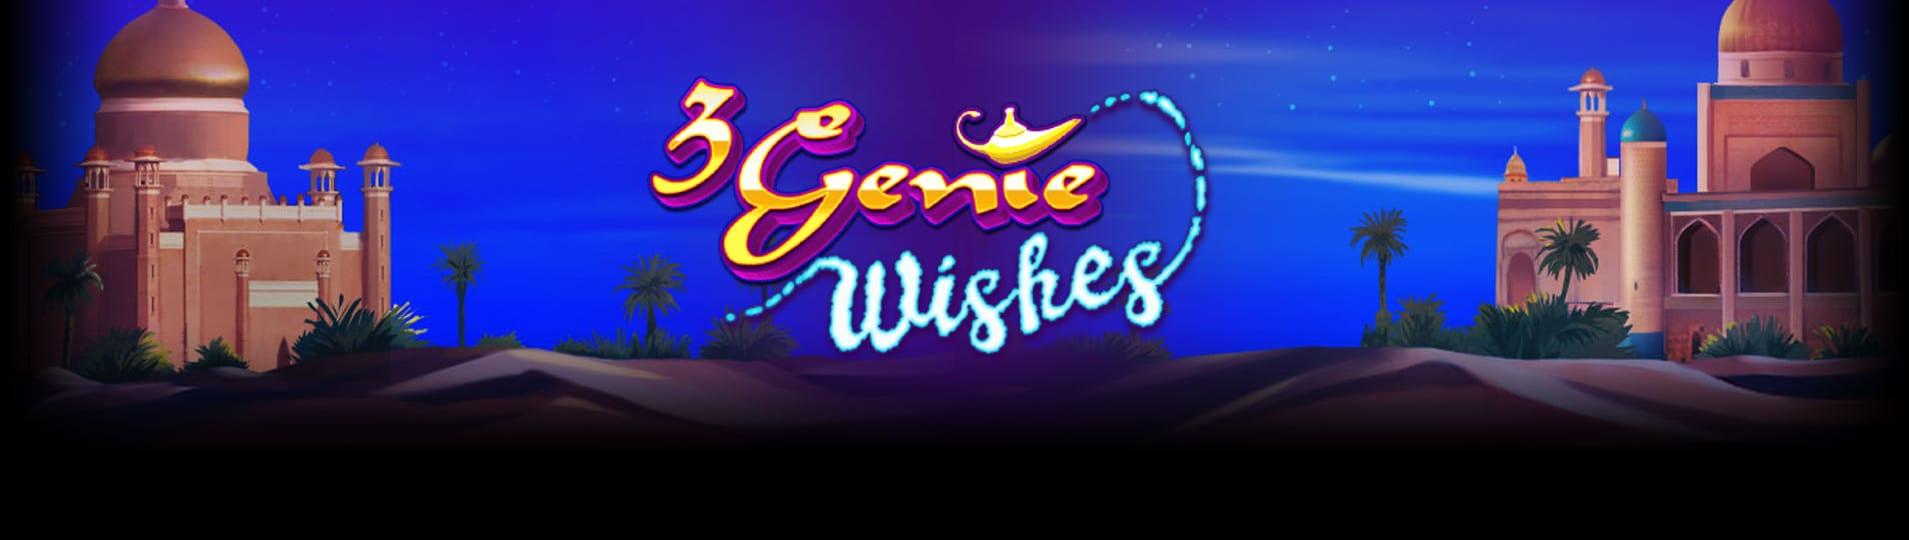 3GenieWishes - WizardSlots